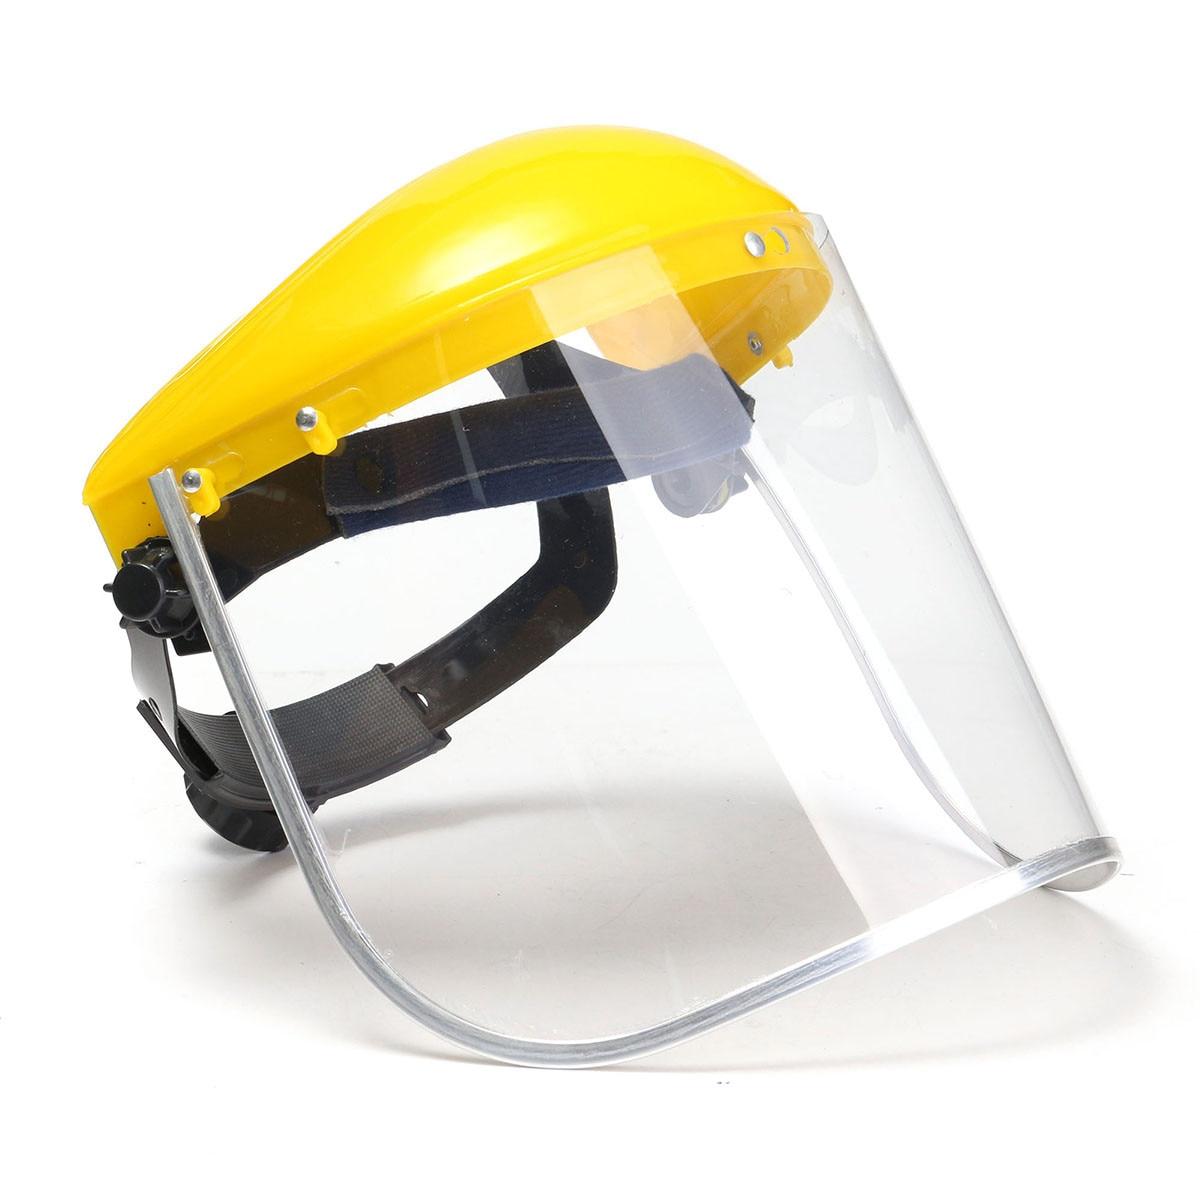 1 Pcs Neue Transparente Sicherheit Schleifen Gesichter Shields Bildschirm Maske Visiere Für Auge Gesicht Schutz